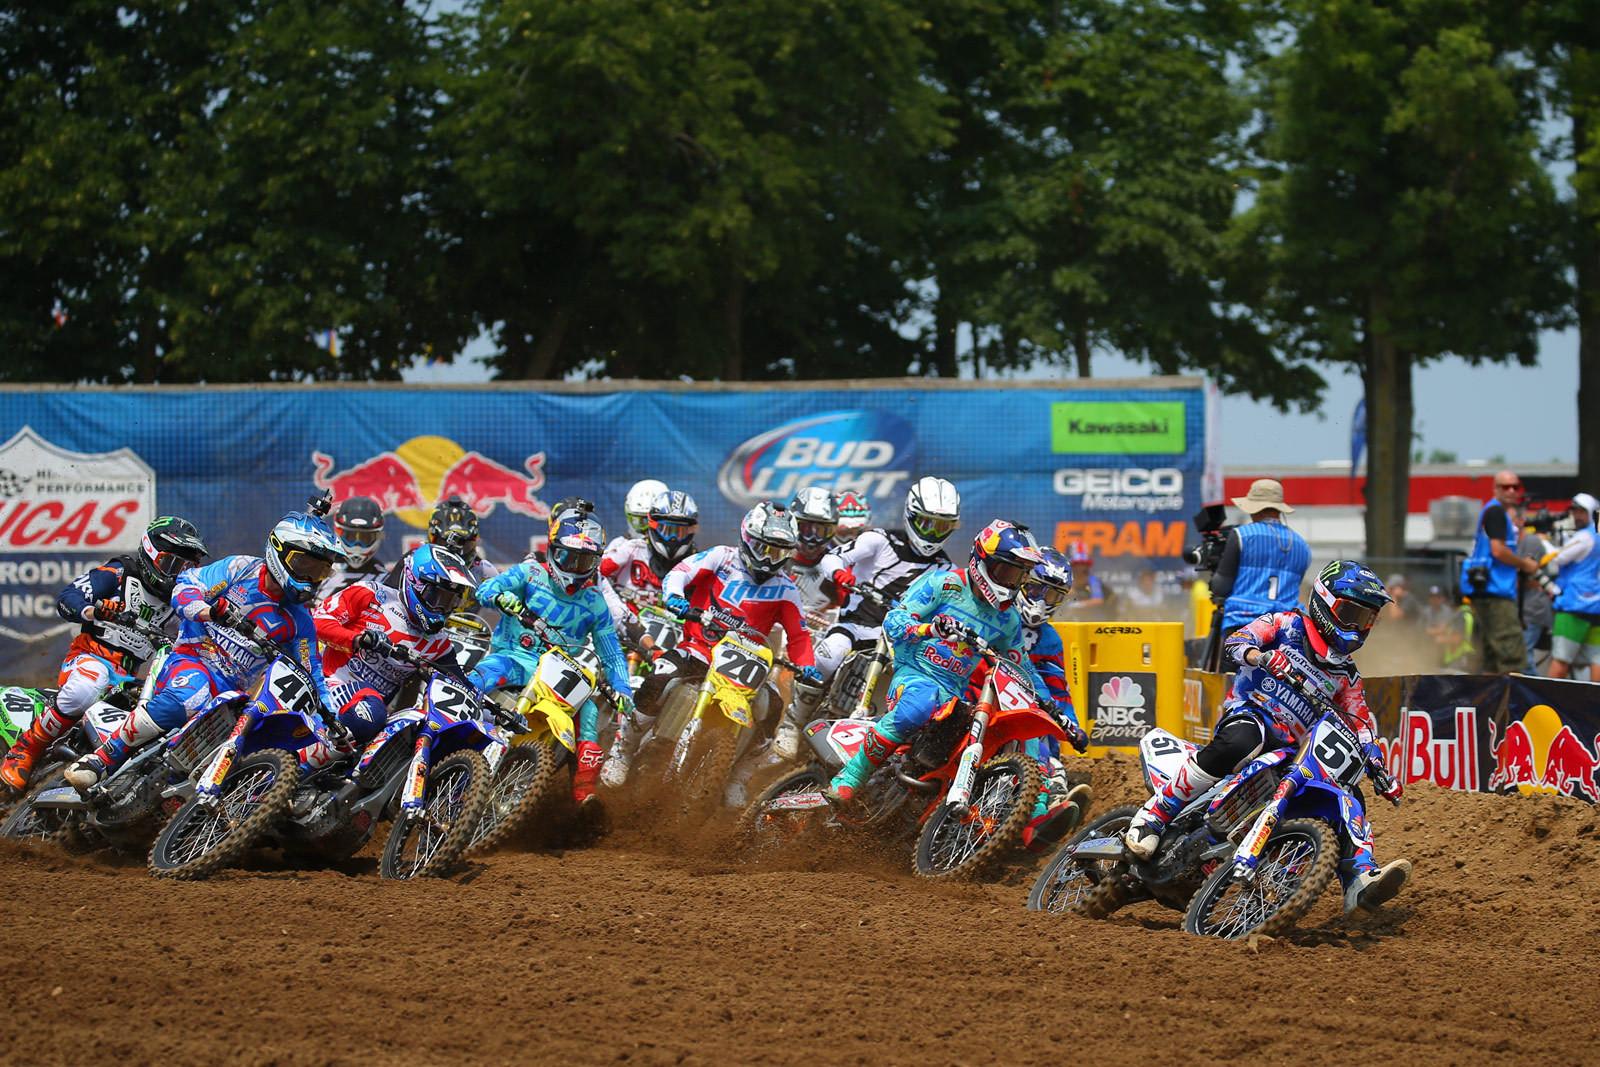 450 moto one start - Photo Blast: RedBud - Motocross Pictures - Vital MX